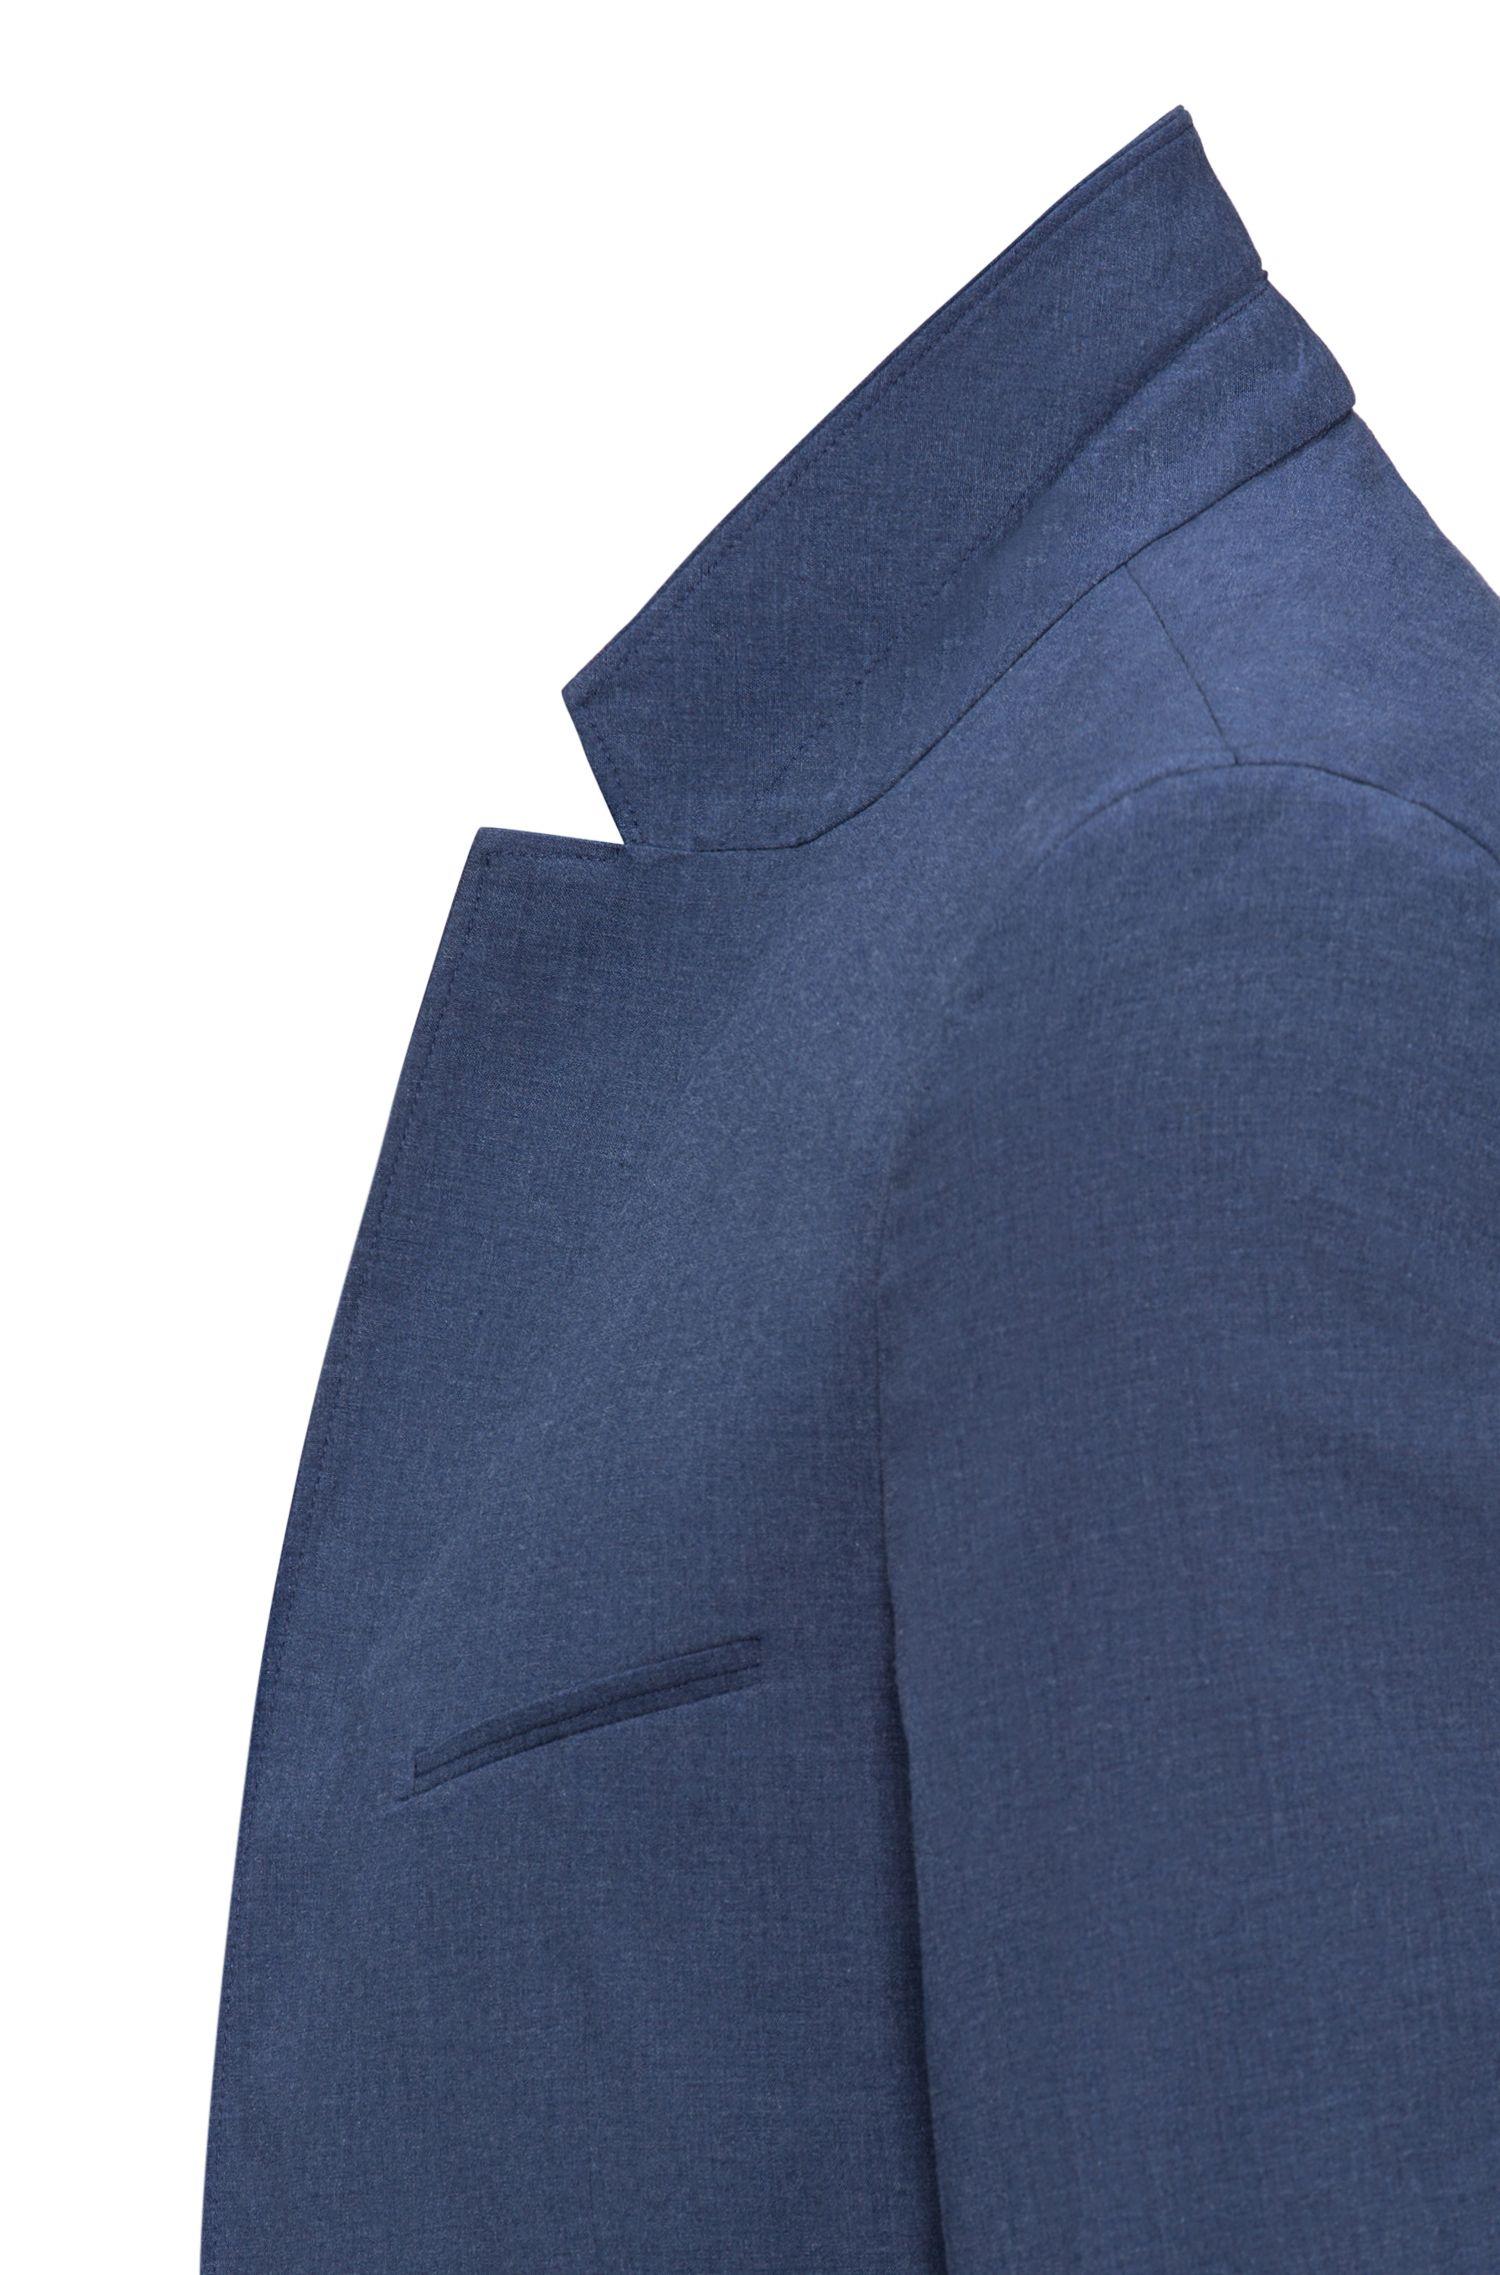 Giacca extra slim fit in cotone elasticizzato mélange